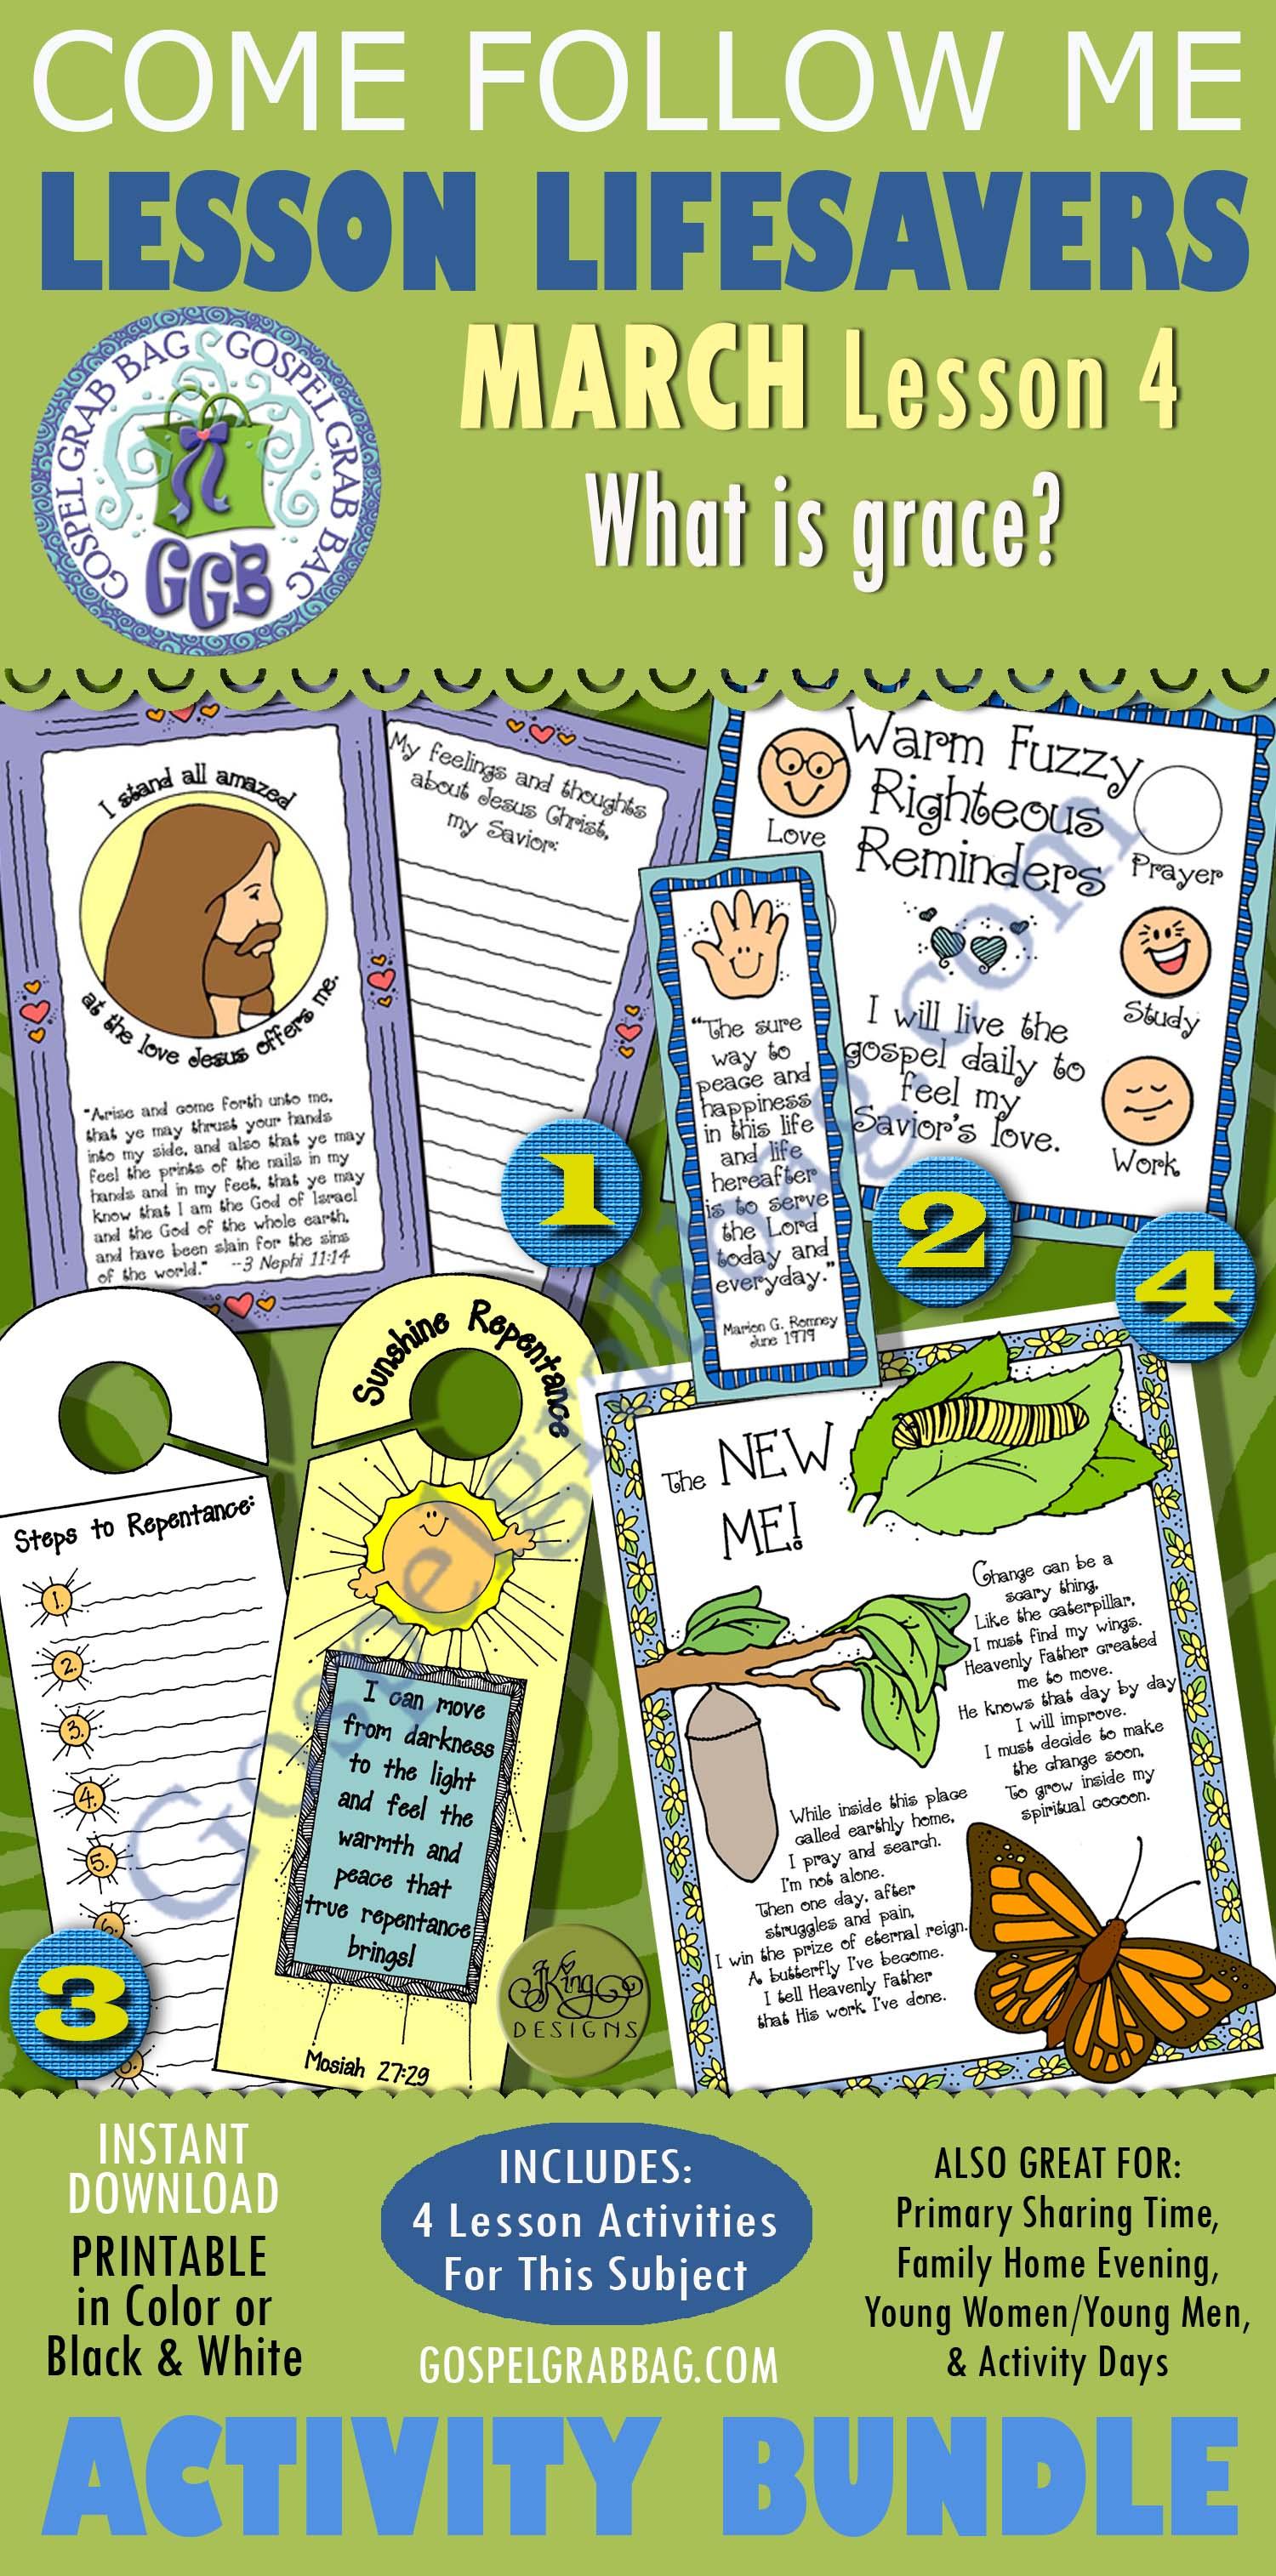 """$4.00 MARCH Lesson 4 - Come Follow Me """"What is grace?"""" BUNDLE, Young Women handouts, GospelGrabBag.com"""